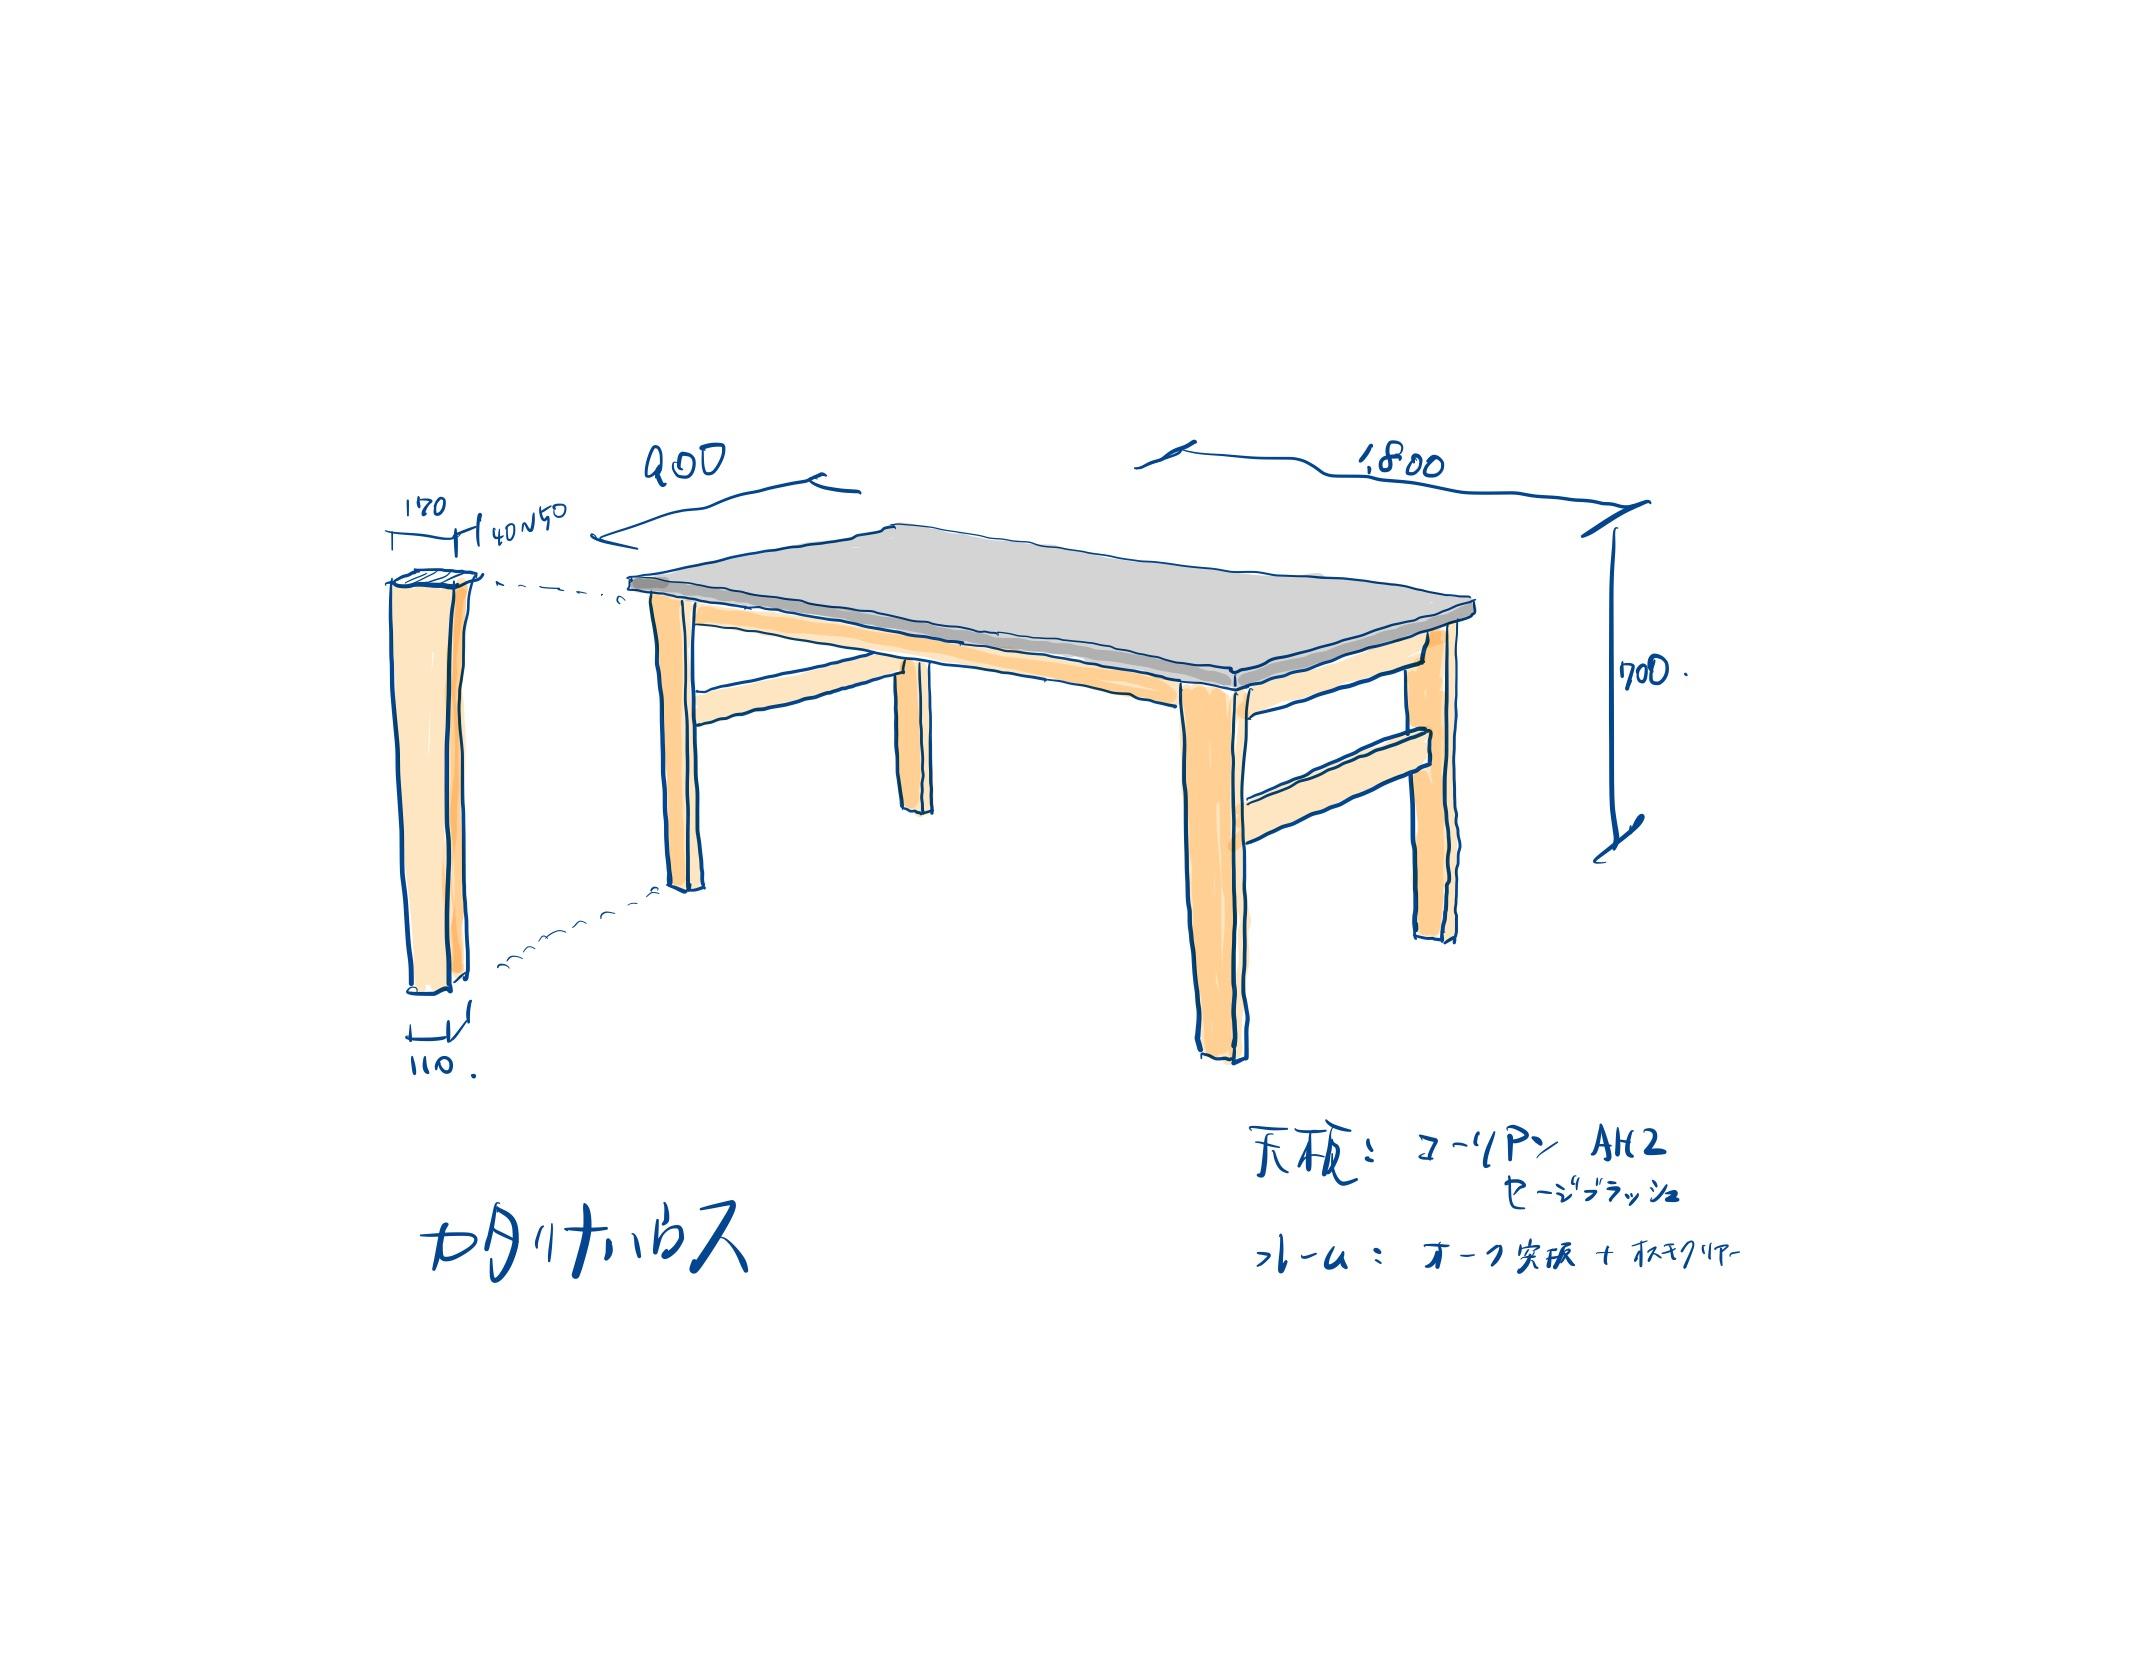 カタリナハウスのダイニングテーブル